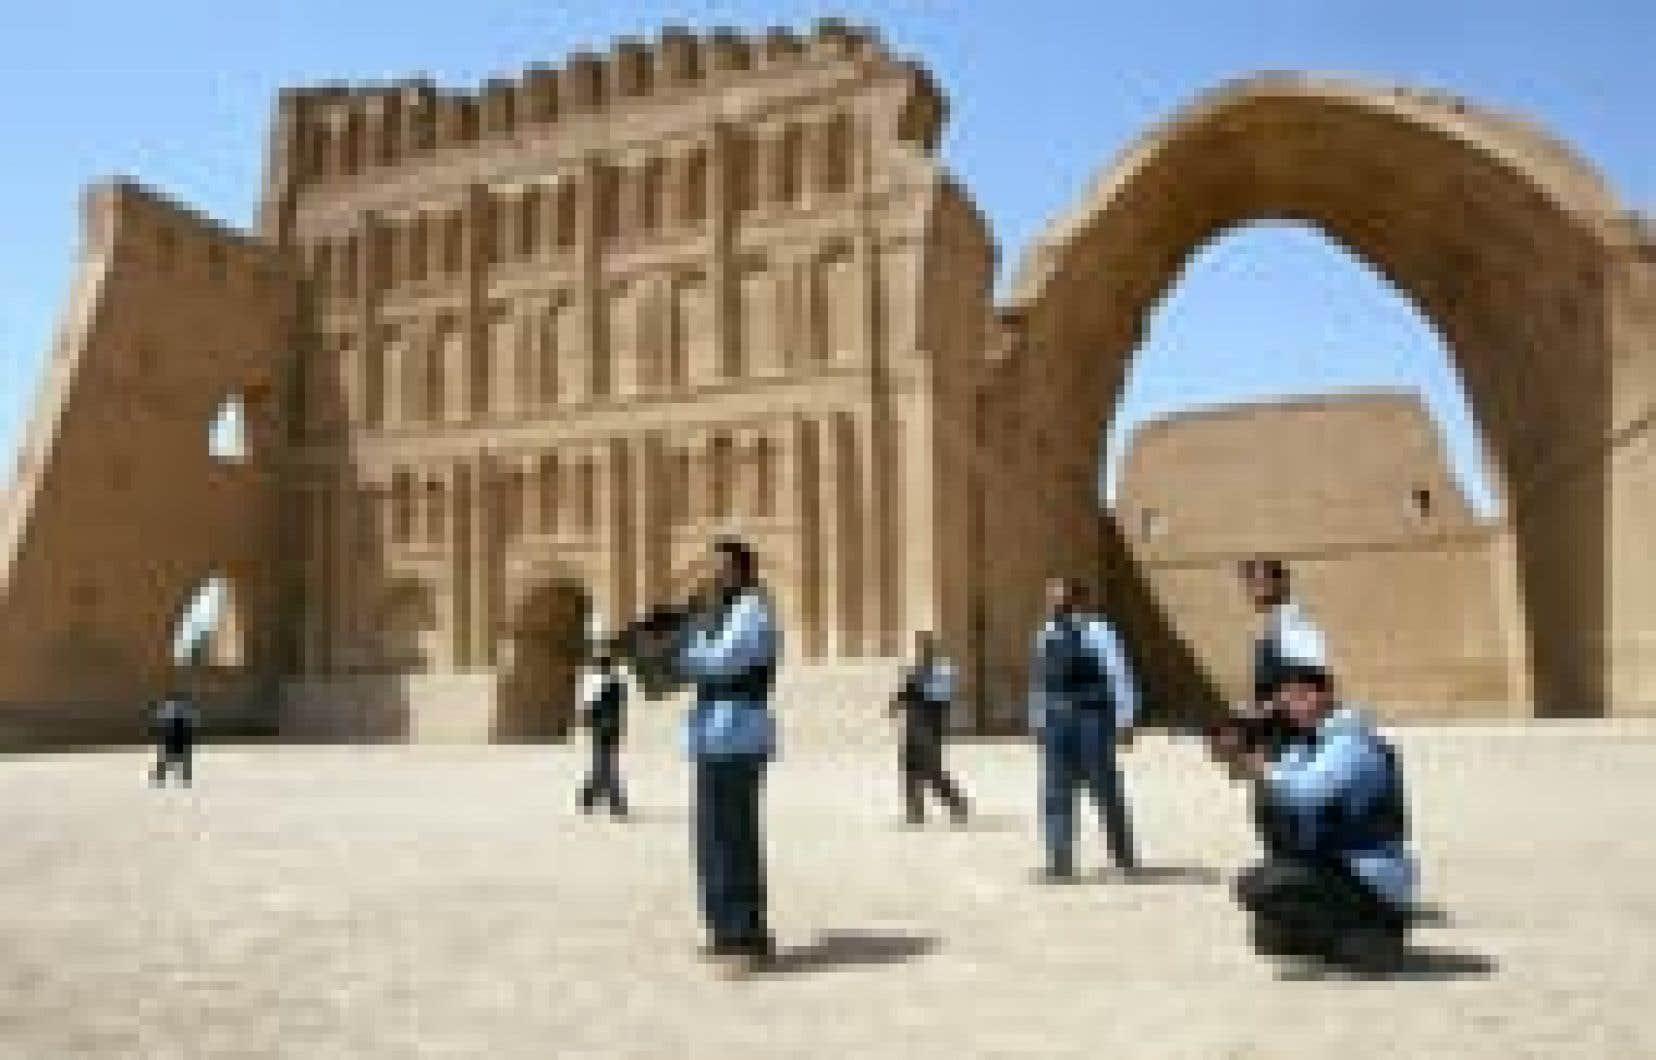 La ville du centre de l'Irak abrite d'anciennes ruines.